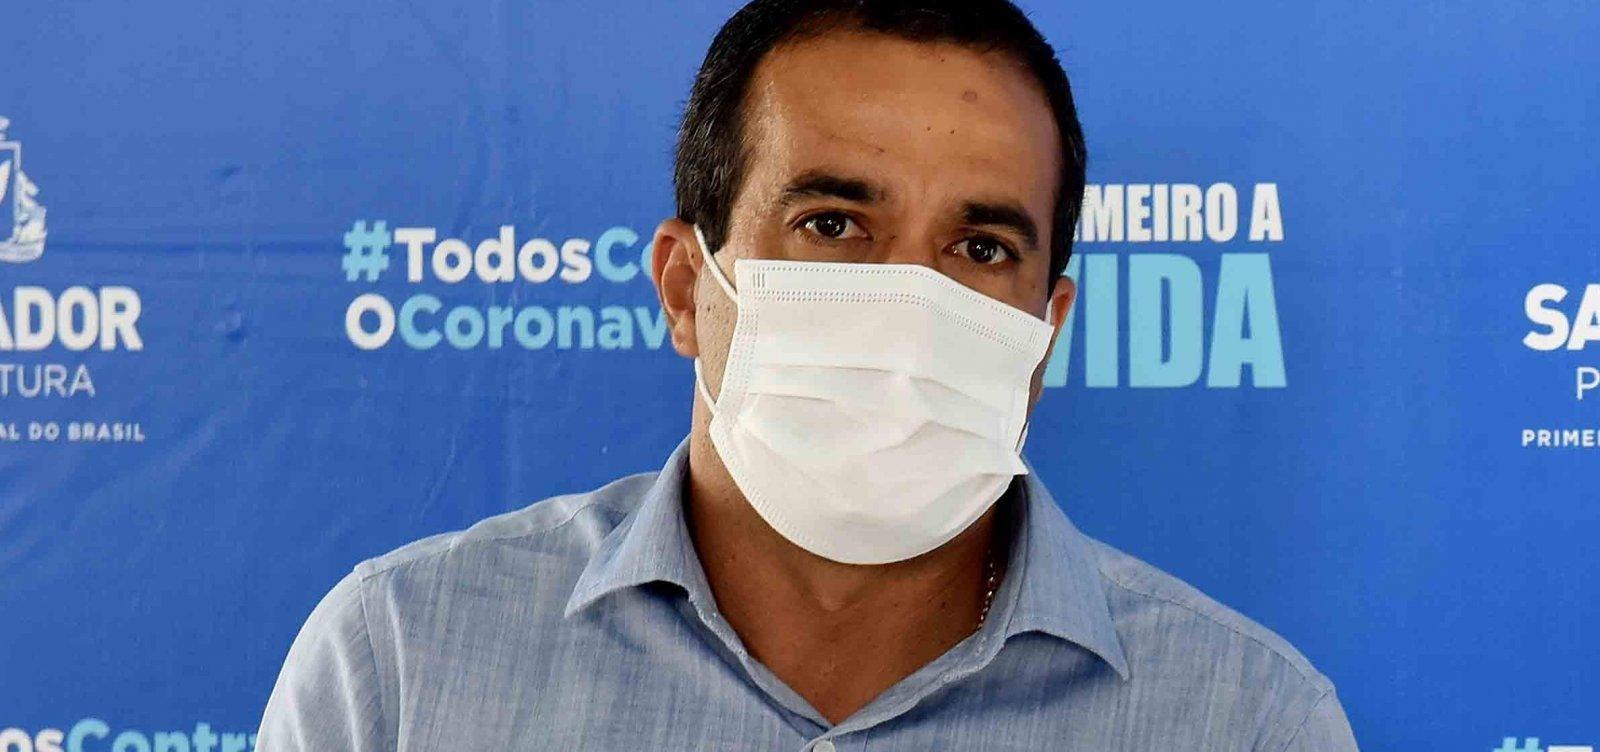 Prefeitura apresentará estratégia de imunização com segunda dose nesta segunda-feira